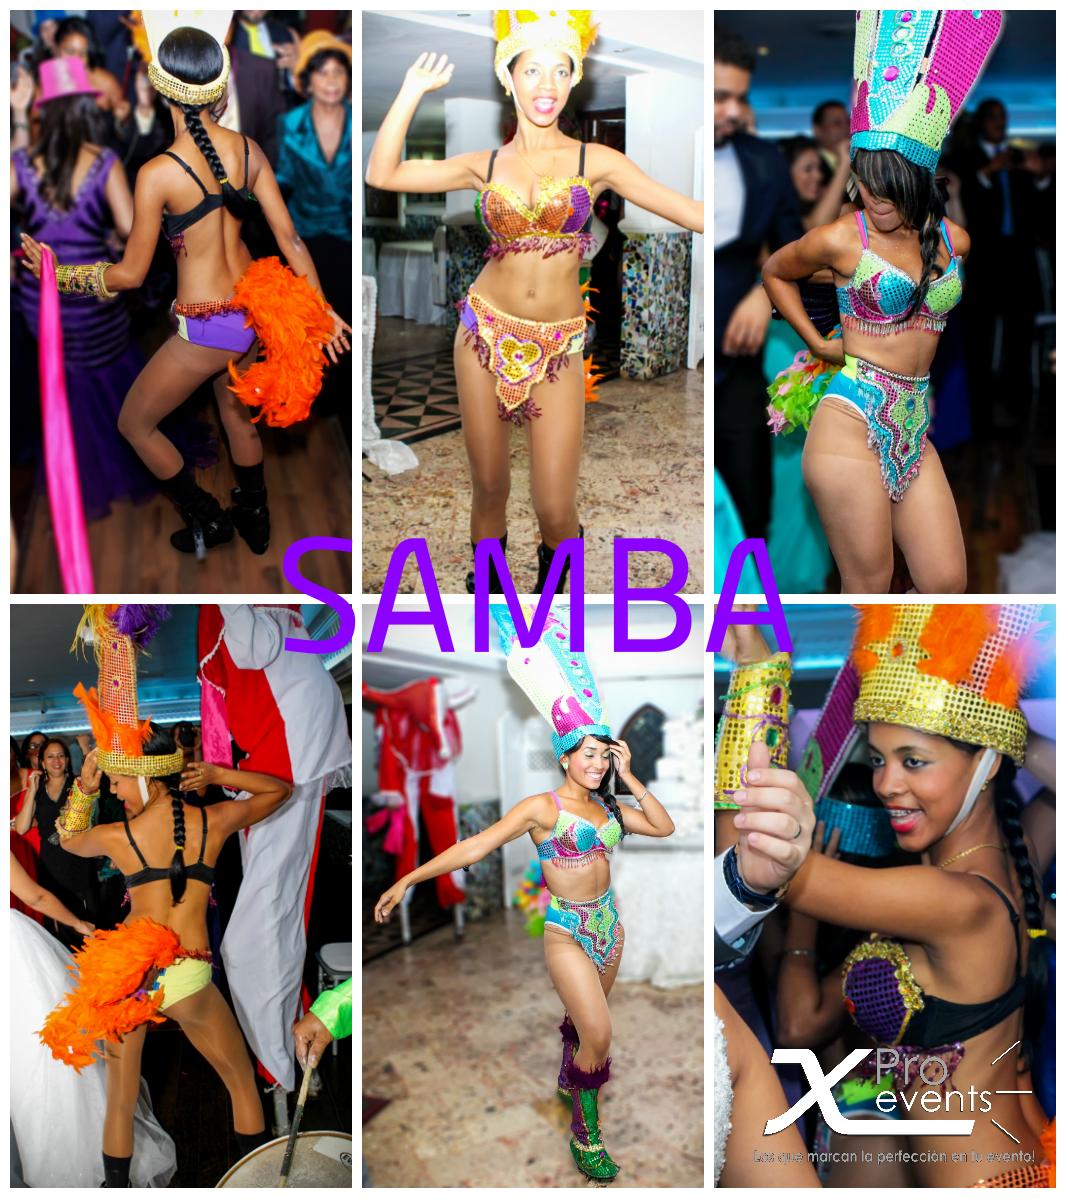 X Pro events - Bailarinas de Samba en Scherezade 02.jpg